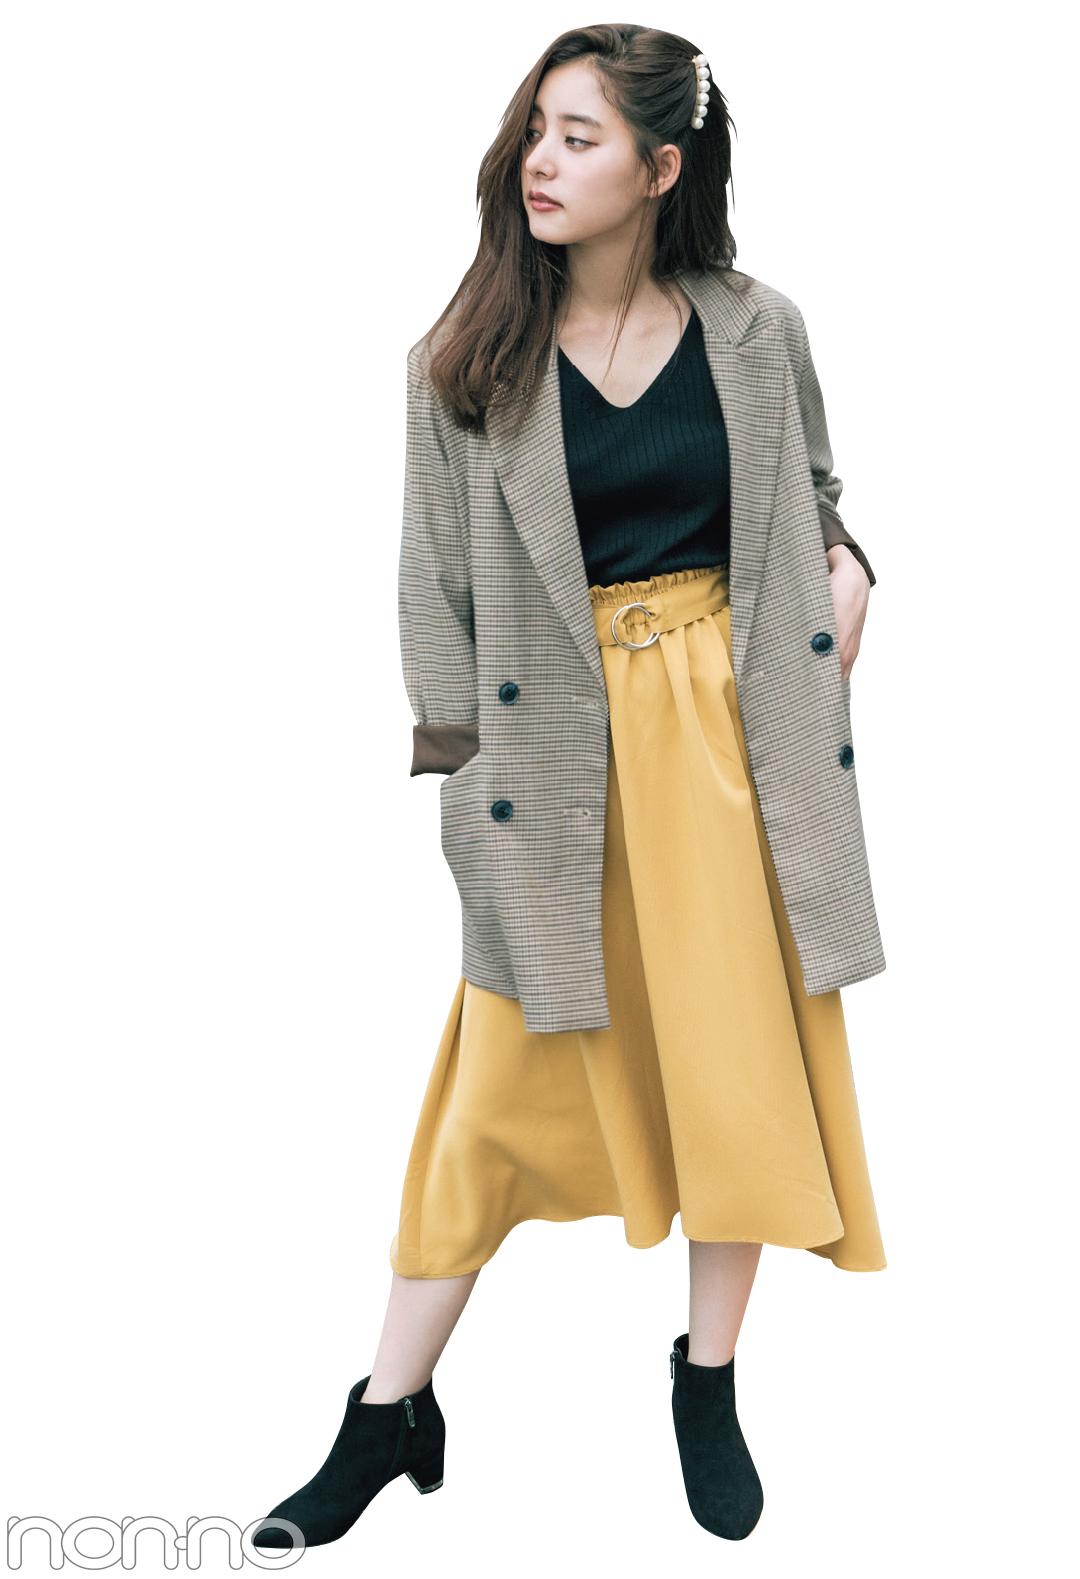 新木優子のトレンドコーデ♡ 秋の「ジャケット」は10倍可愛く着回せる!_1_2-3